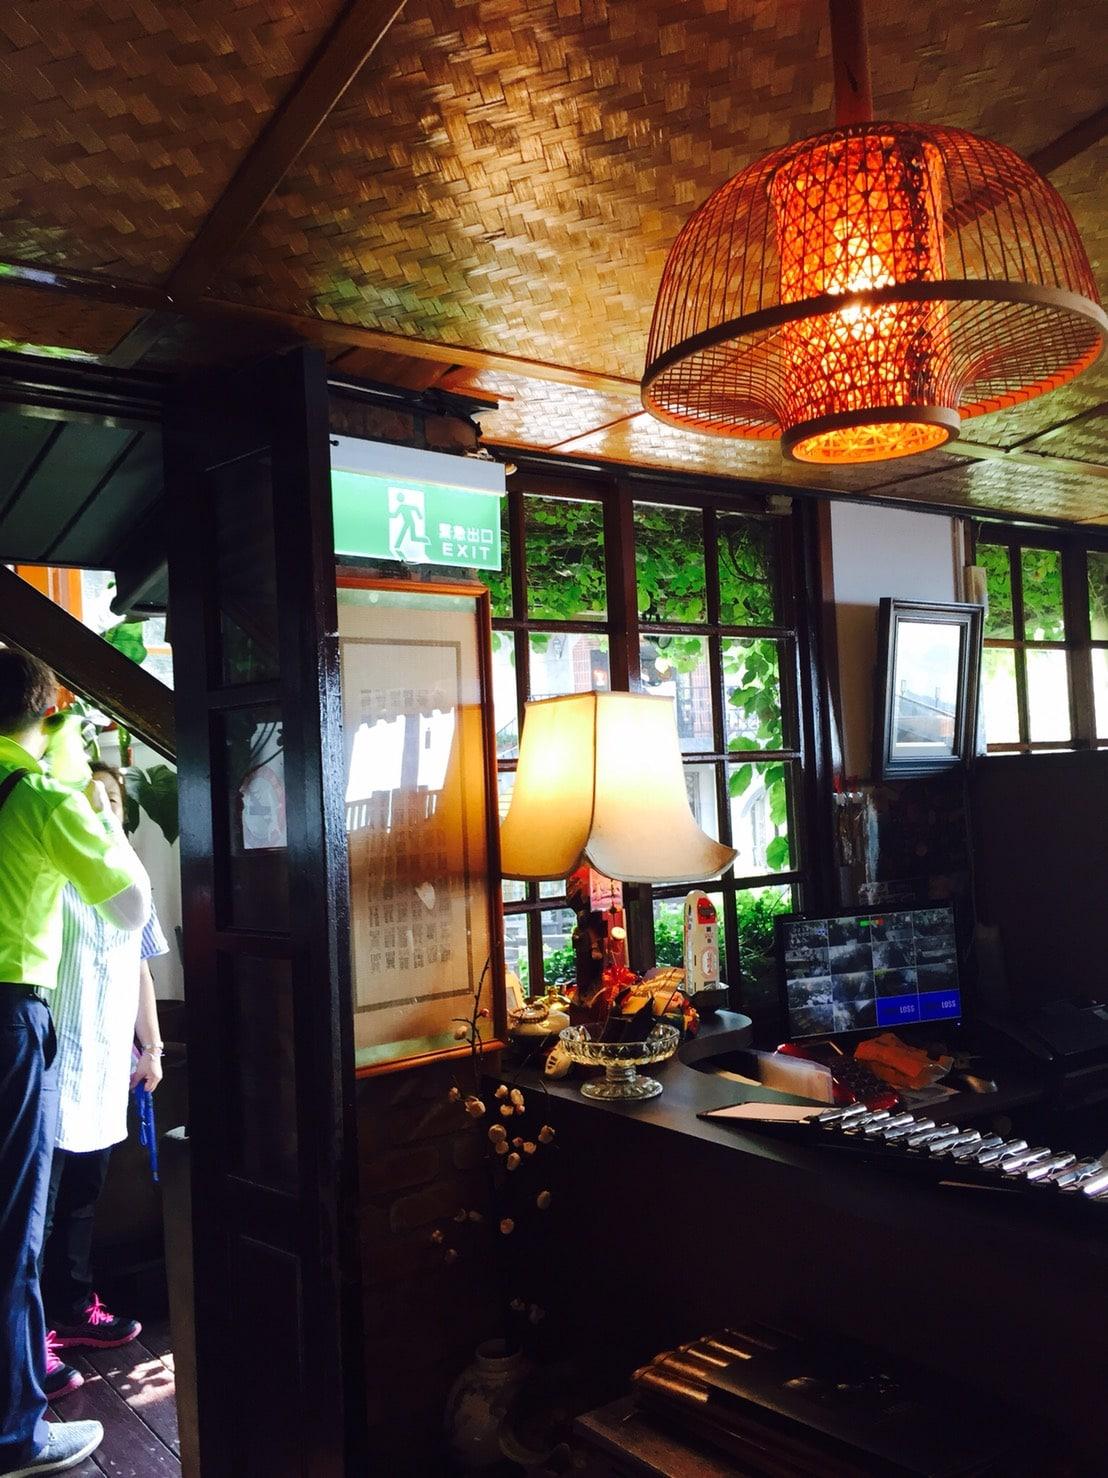 台湾 九份 喫茶店